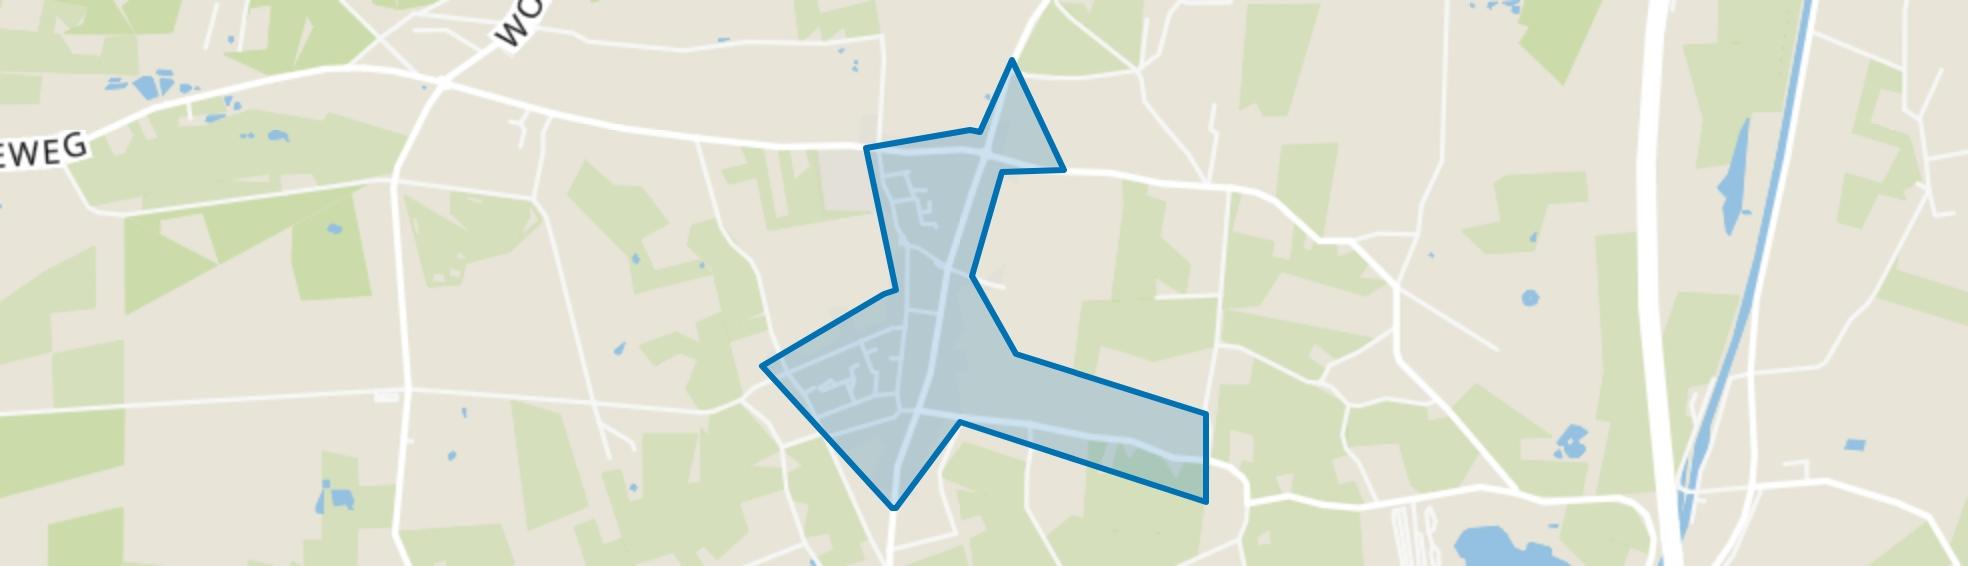 Kern Emst, Emst map